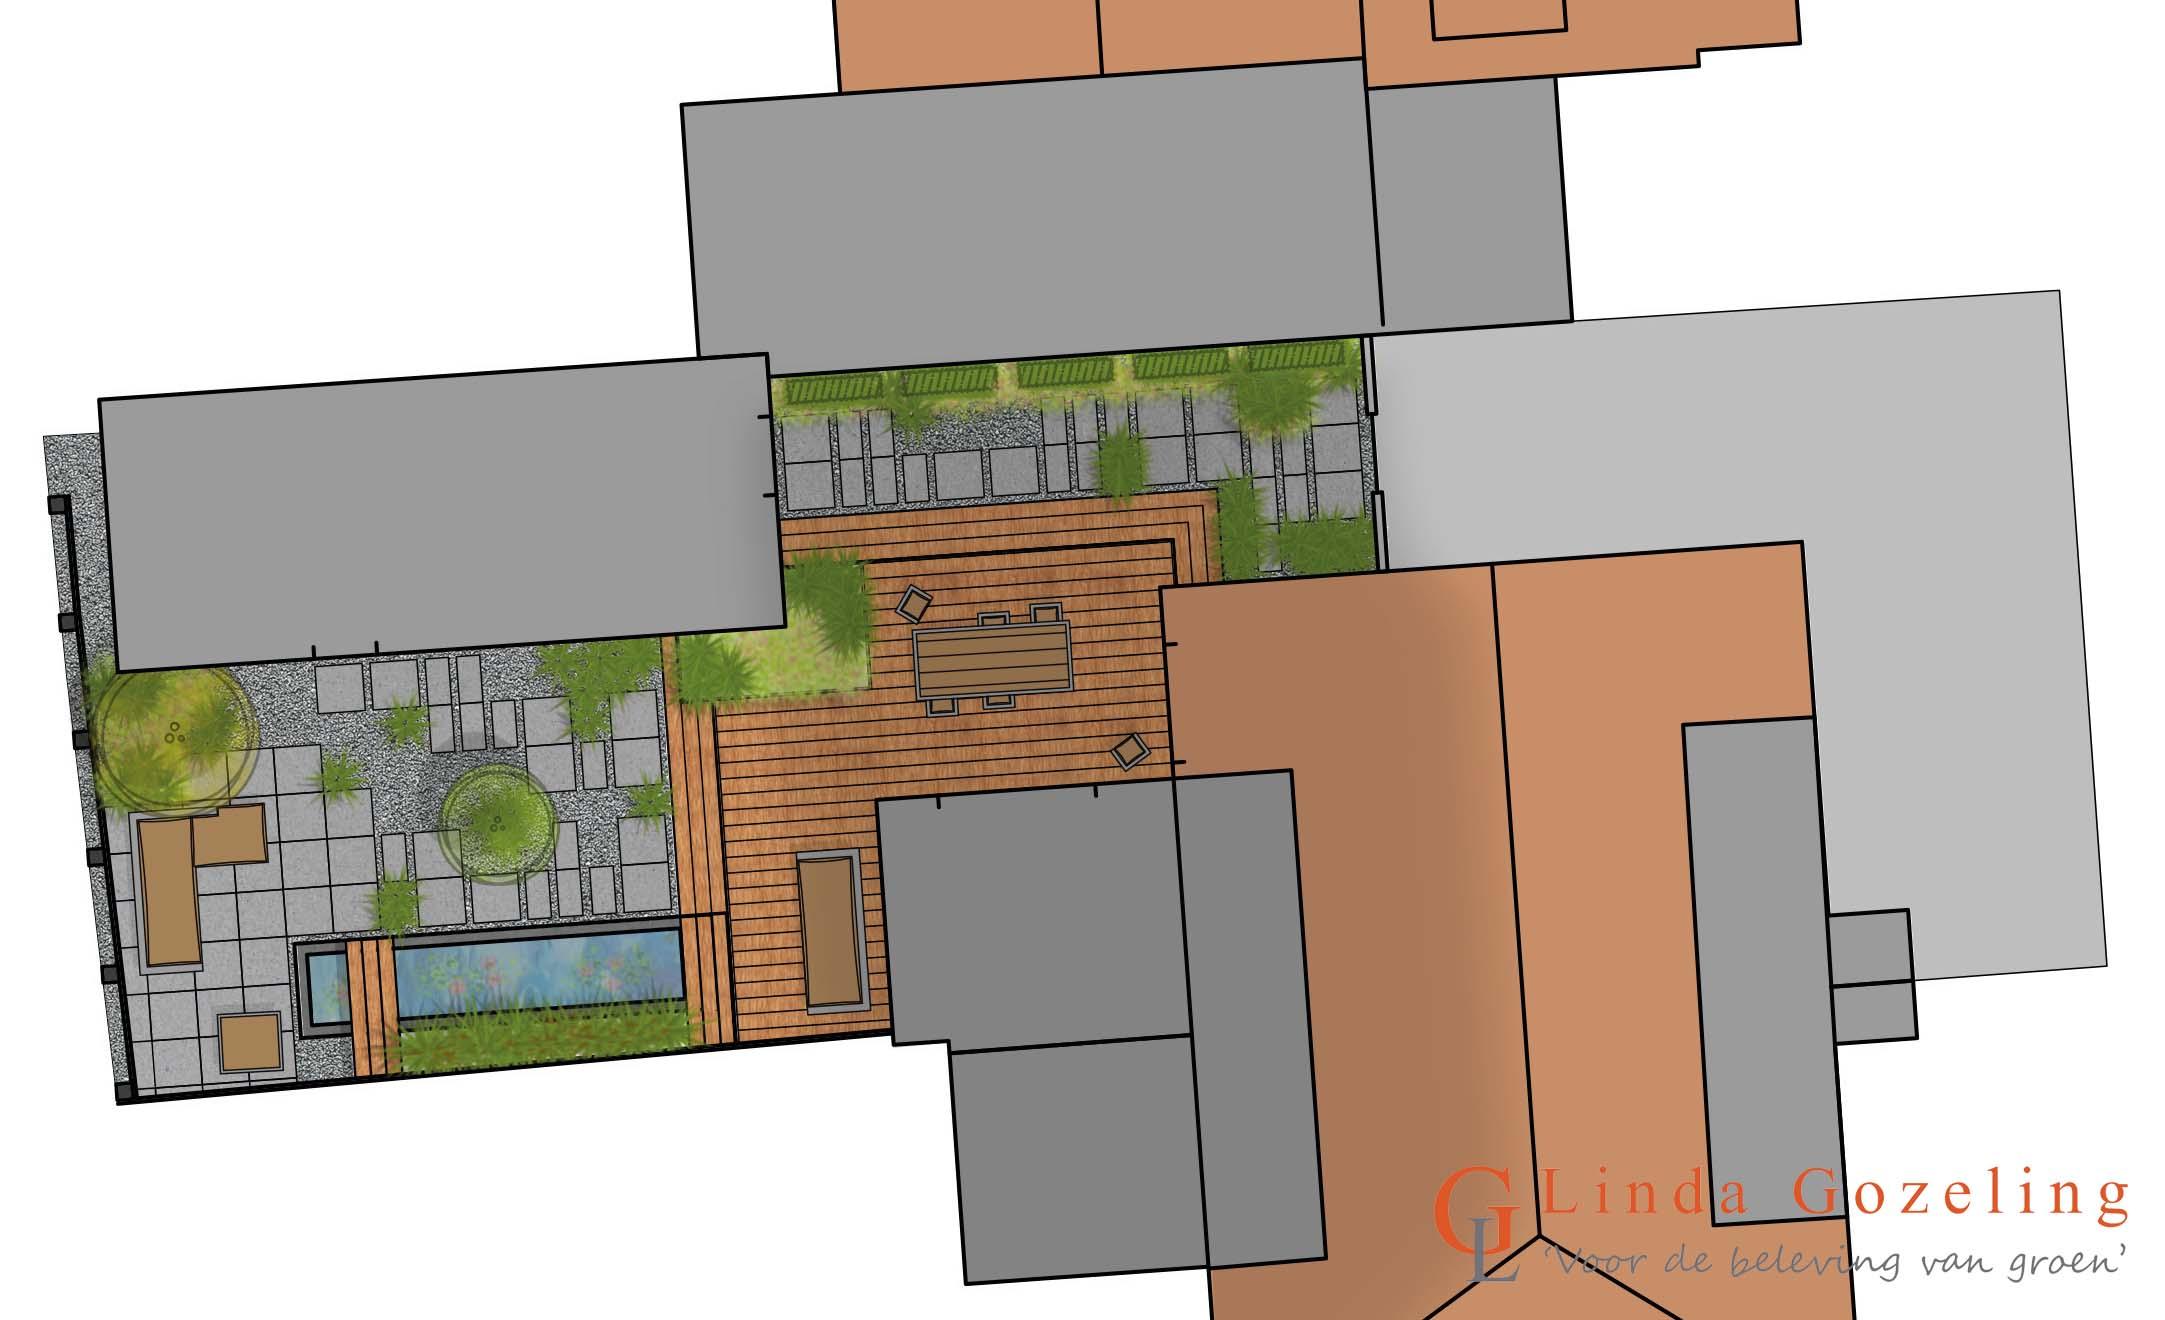 Tuinontwerp te ijmuiden voor de beleving van groen for Tuinontwerp heemstede